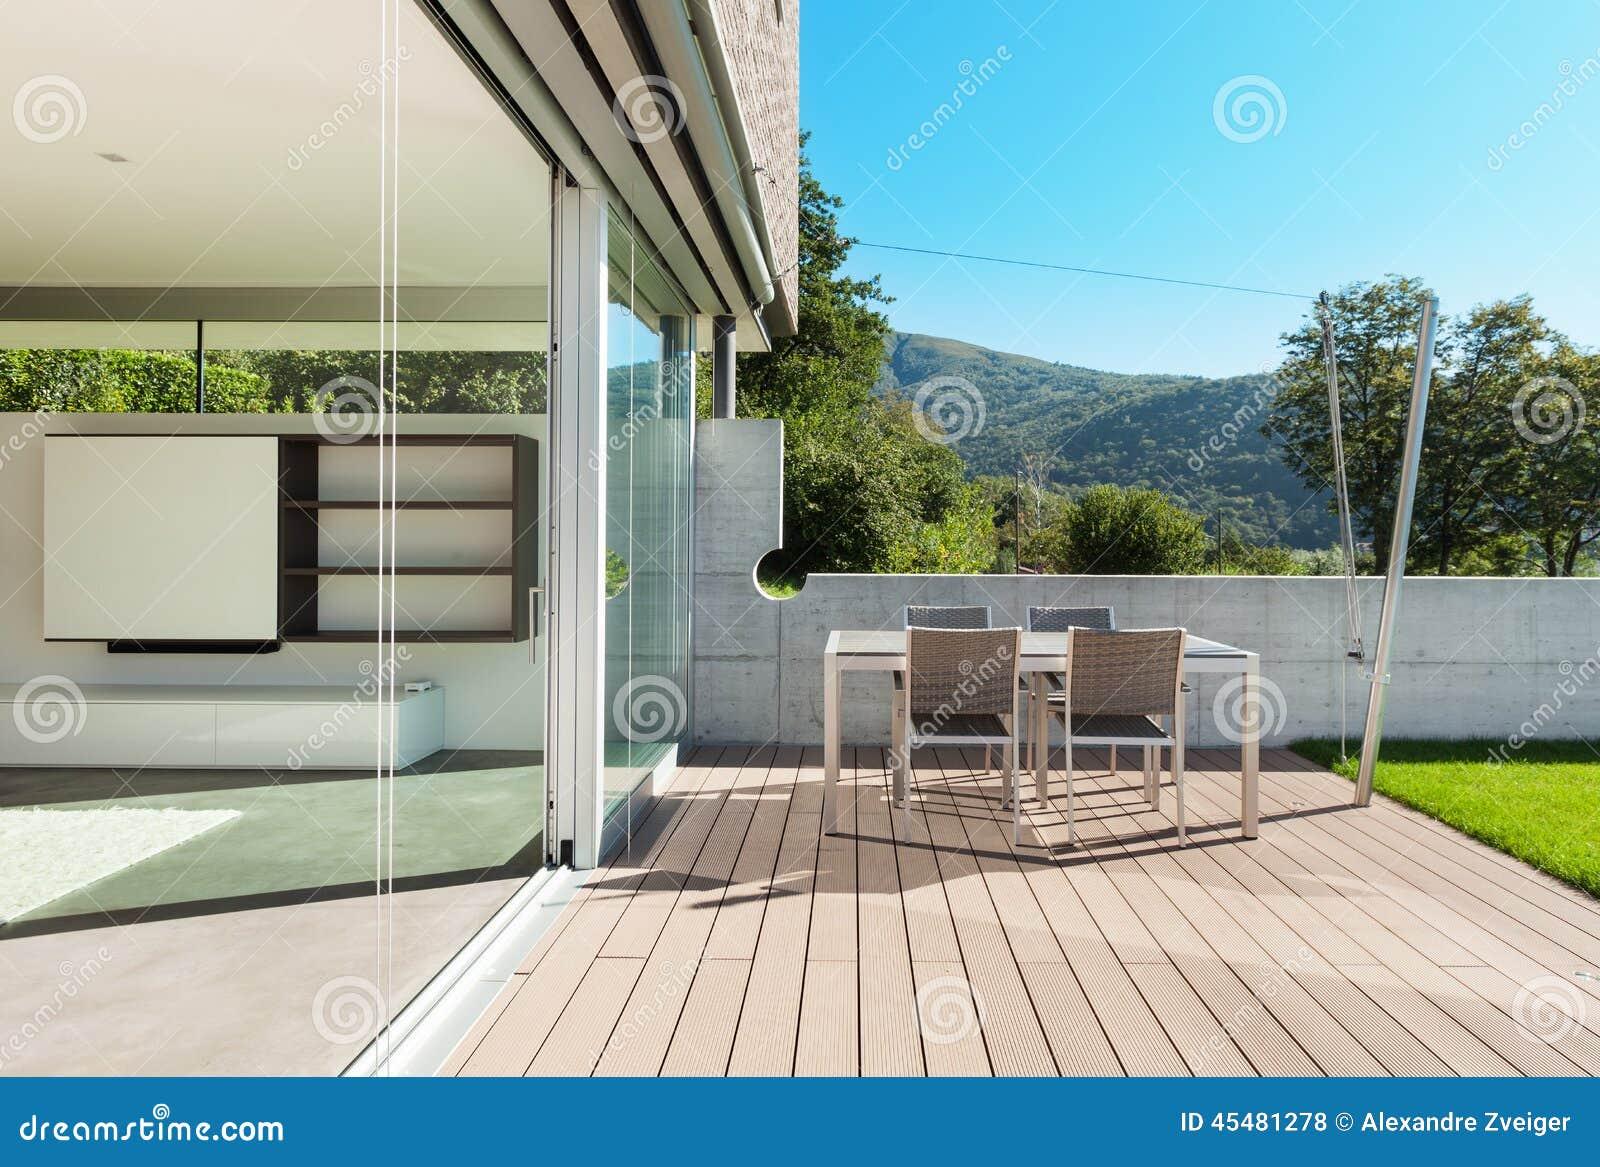 Architektur, Modernes Haus, Im Freien Stockfoto - Bild von raum ...